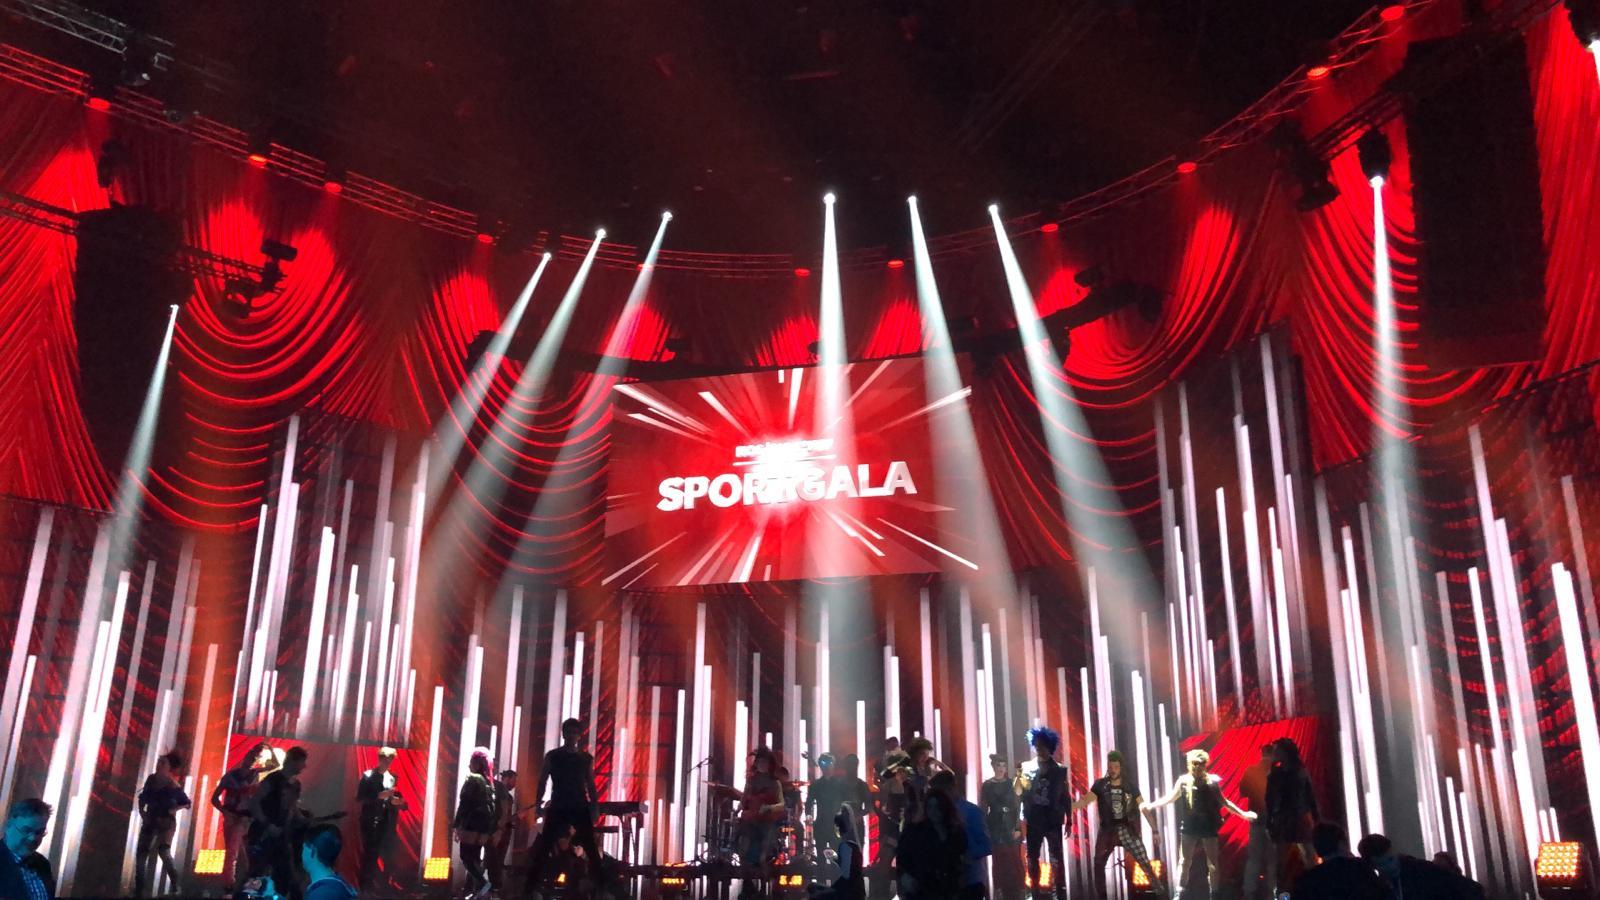 dxl_sportgala3